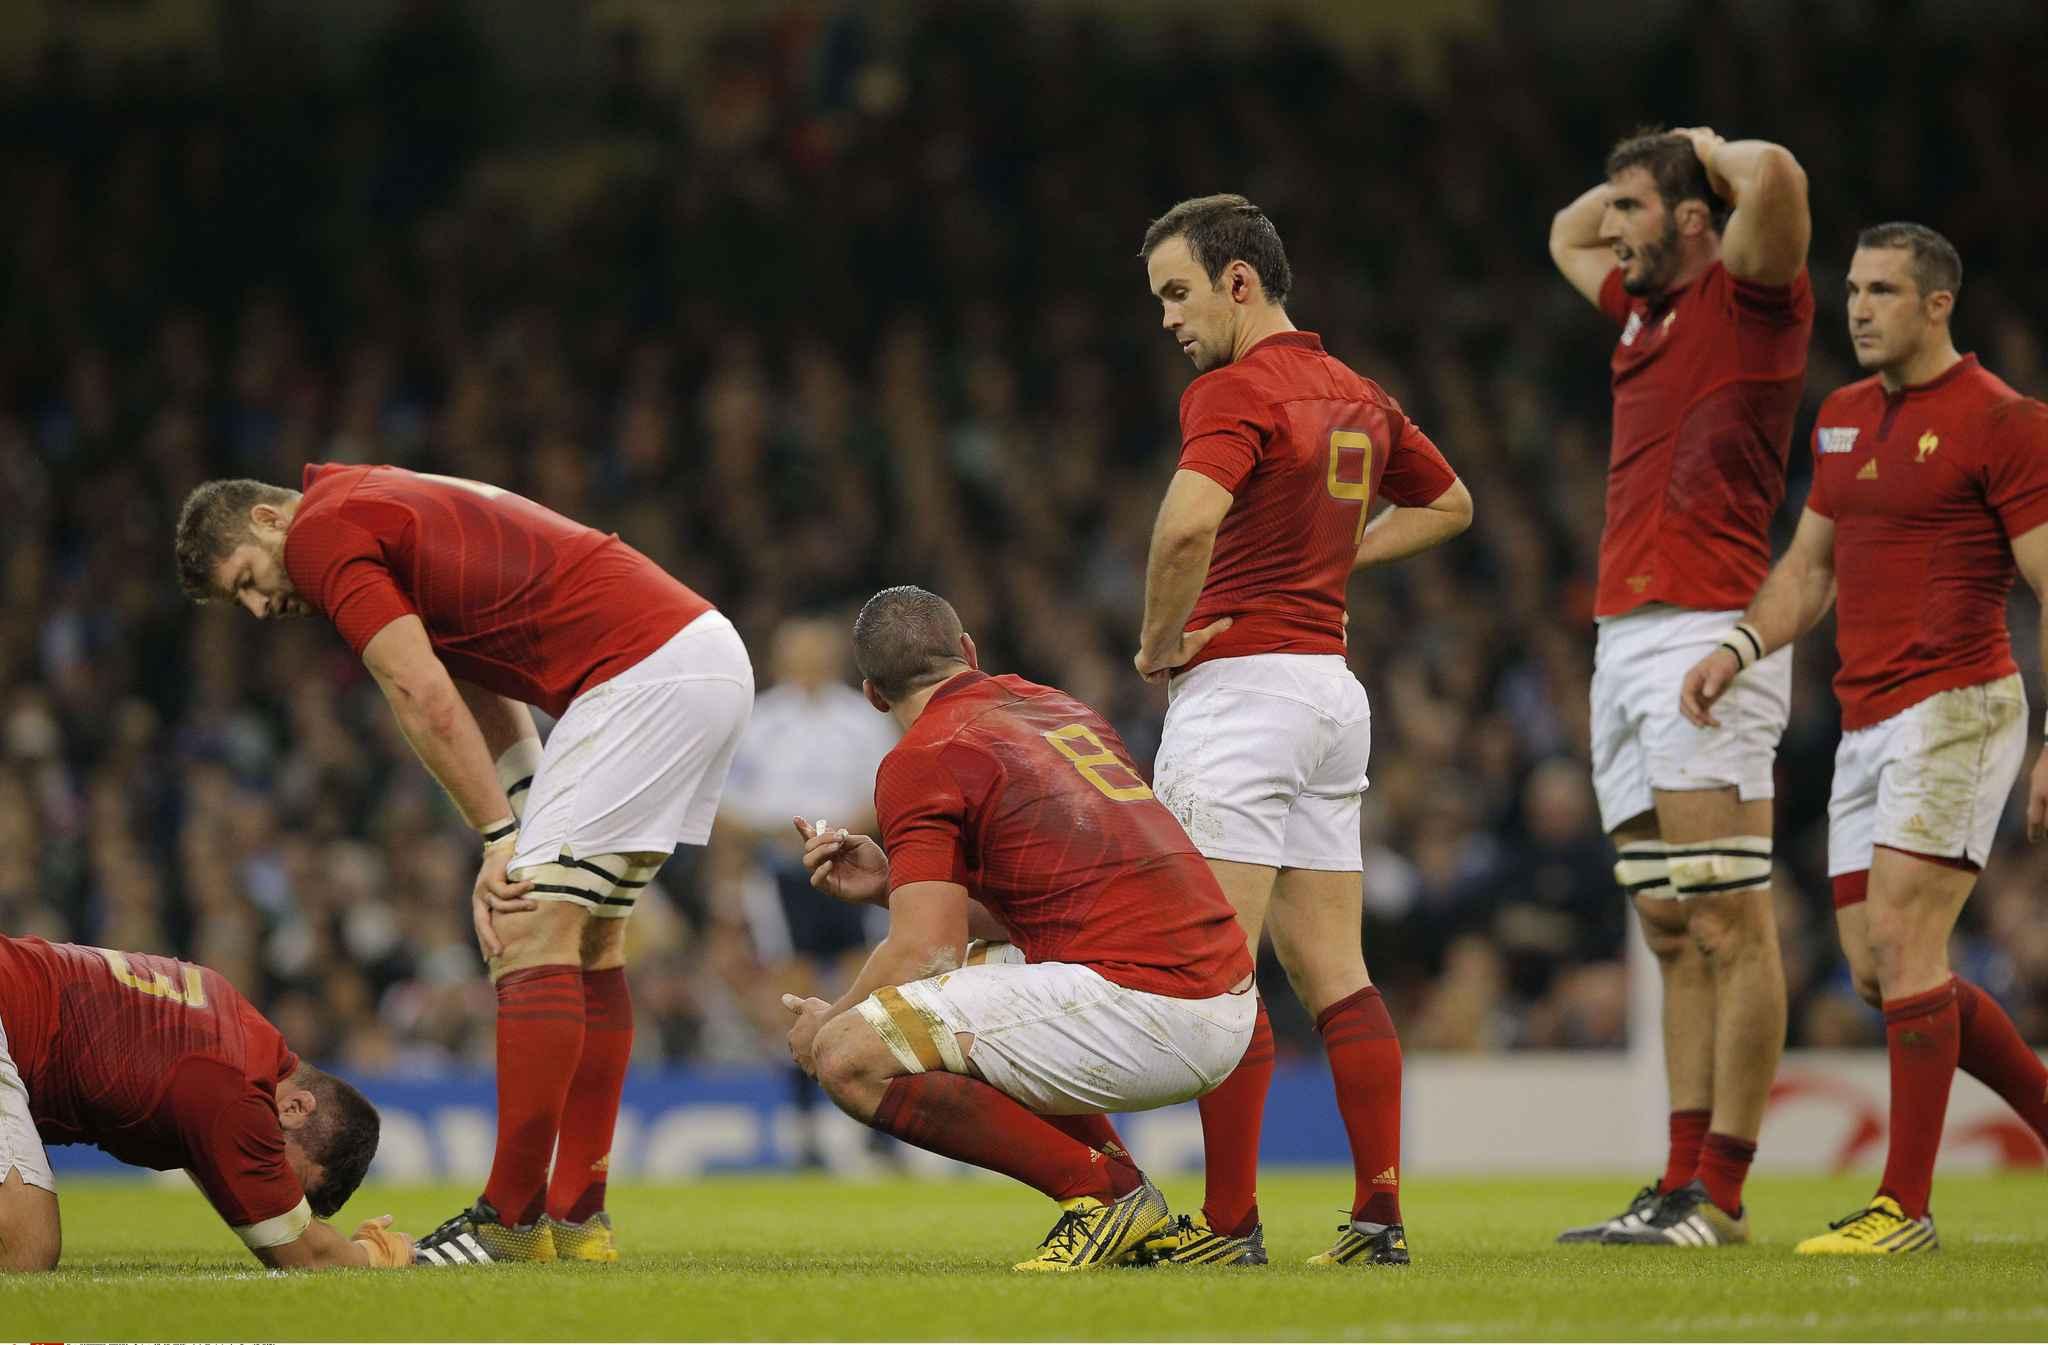 Xv de france le syst me des provinces peut il sauver le - Coupe de france rugby 2015 ...